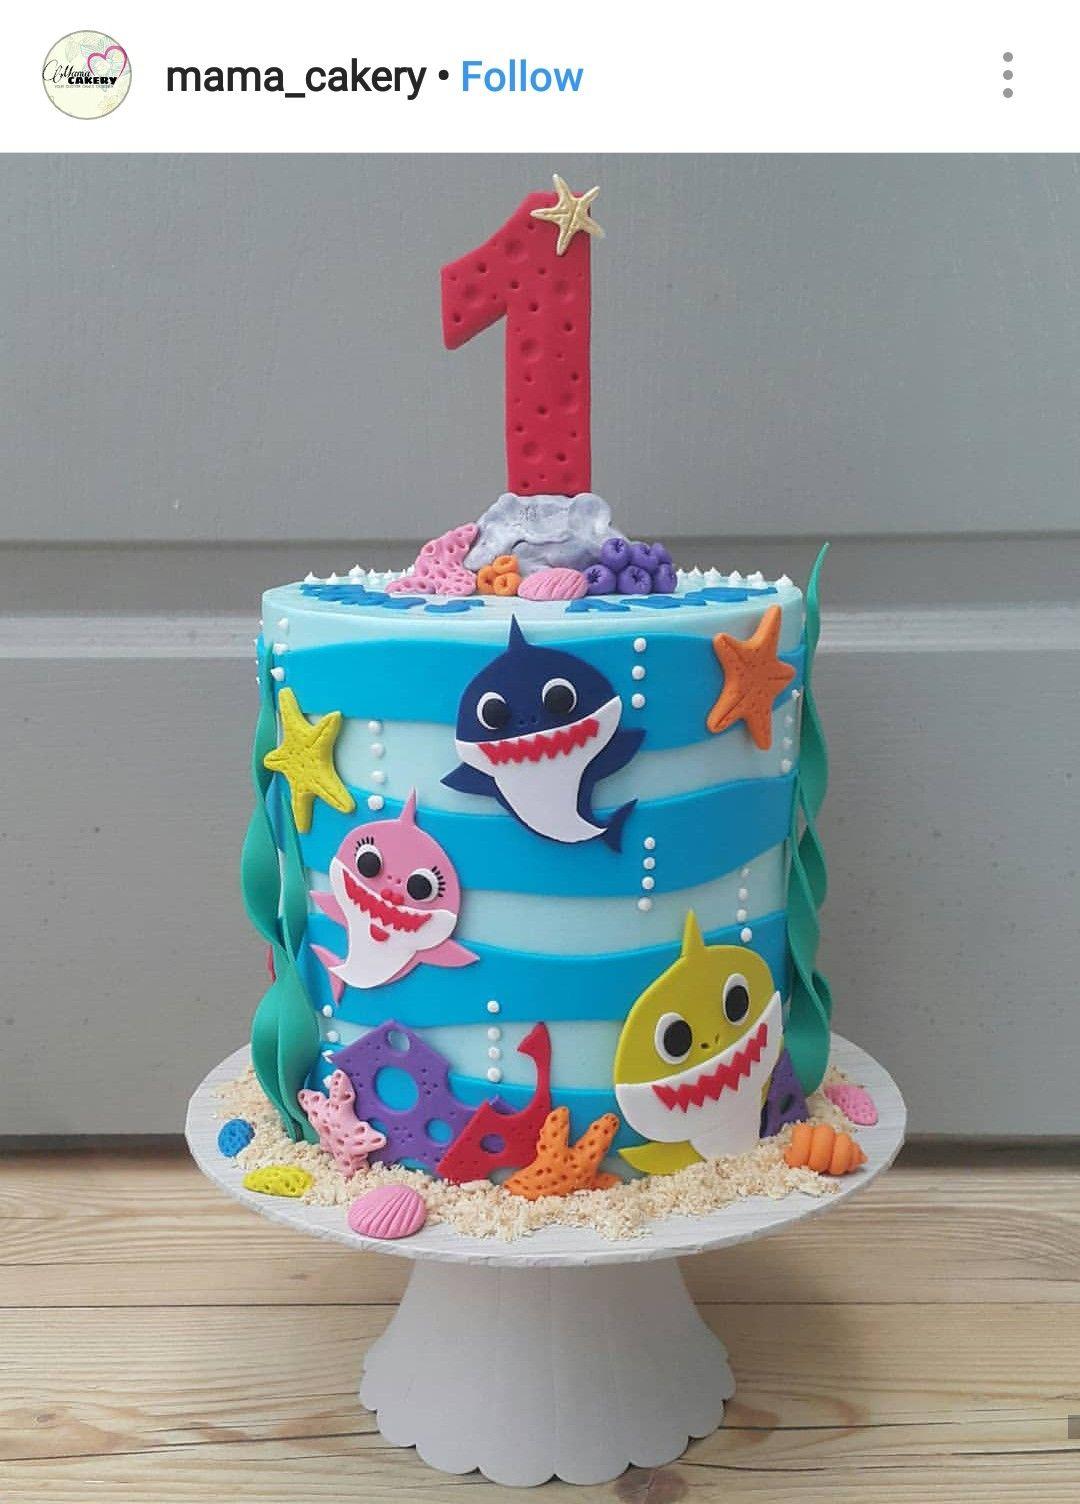 44 Baby Shark Doo Doo Theme Birthday Party Ideas Baby Shark Baby Shark Doo Doo Shark Theme Birthday